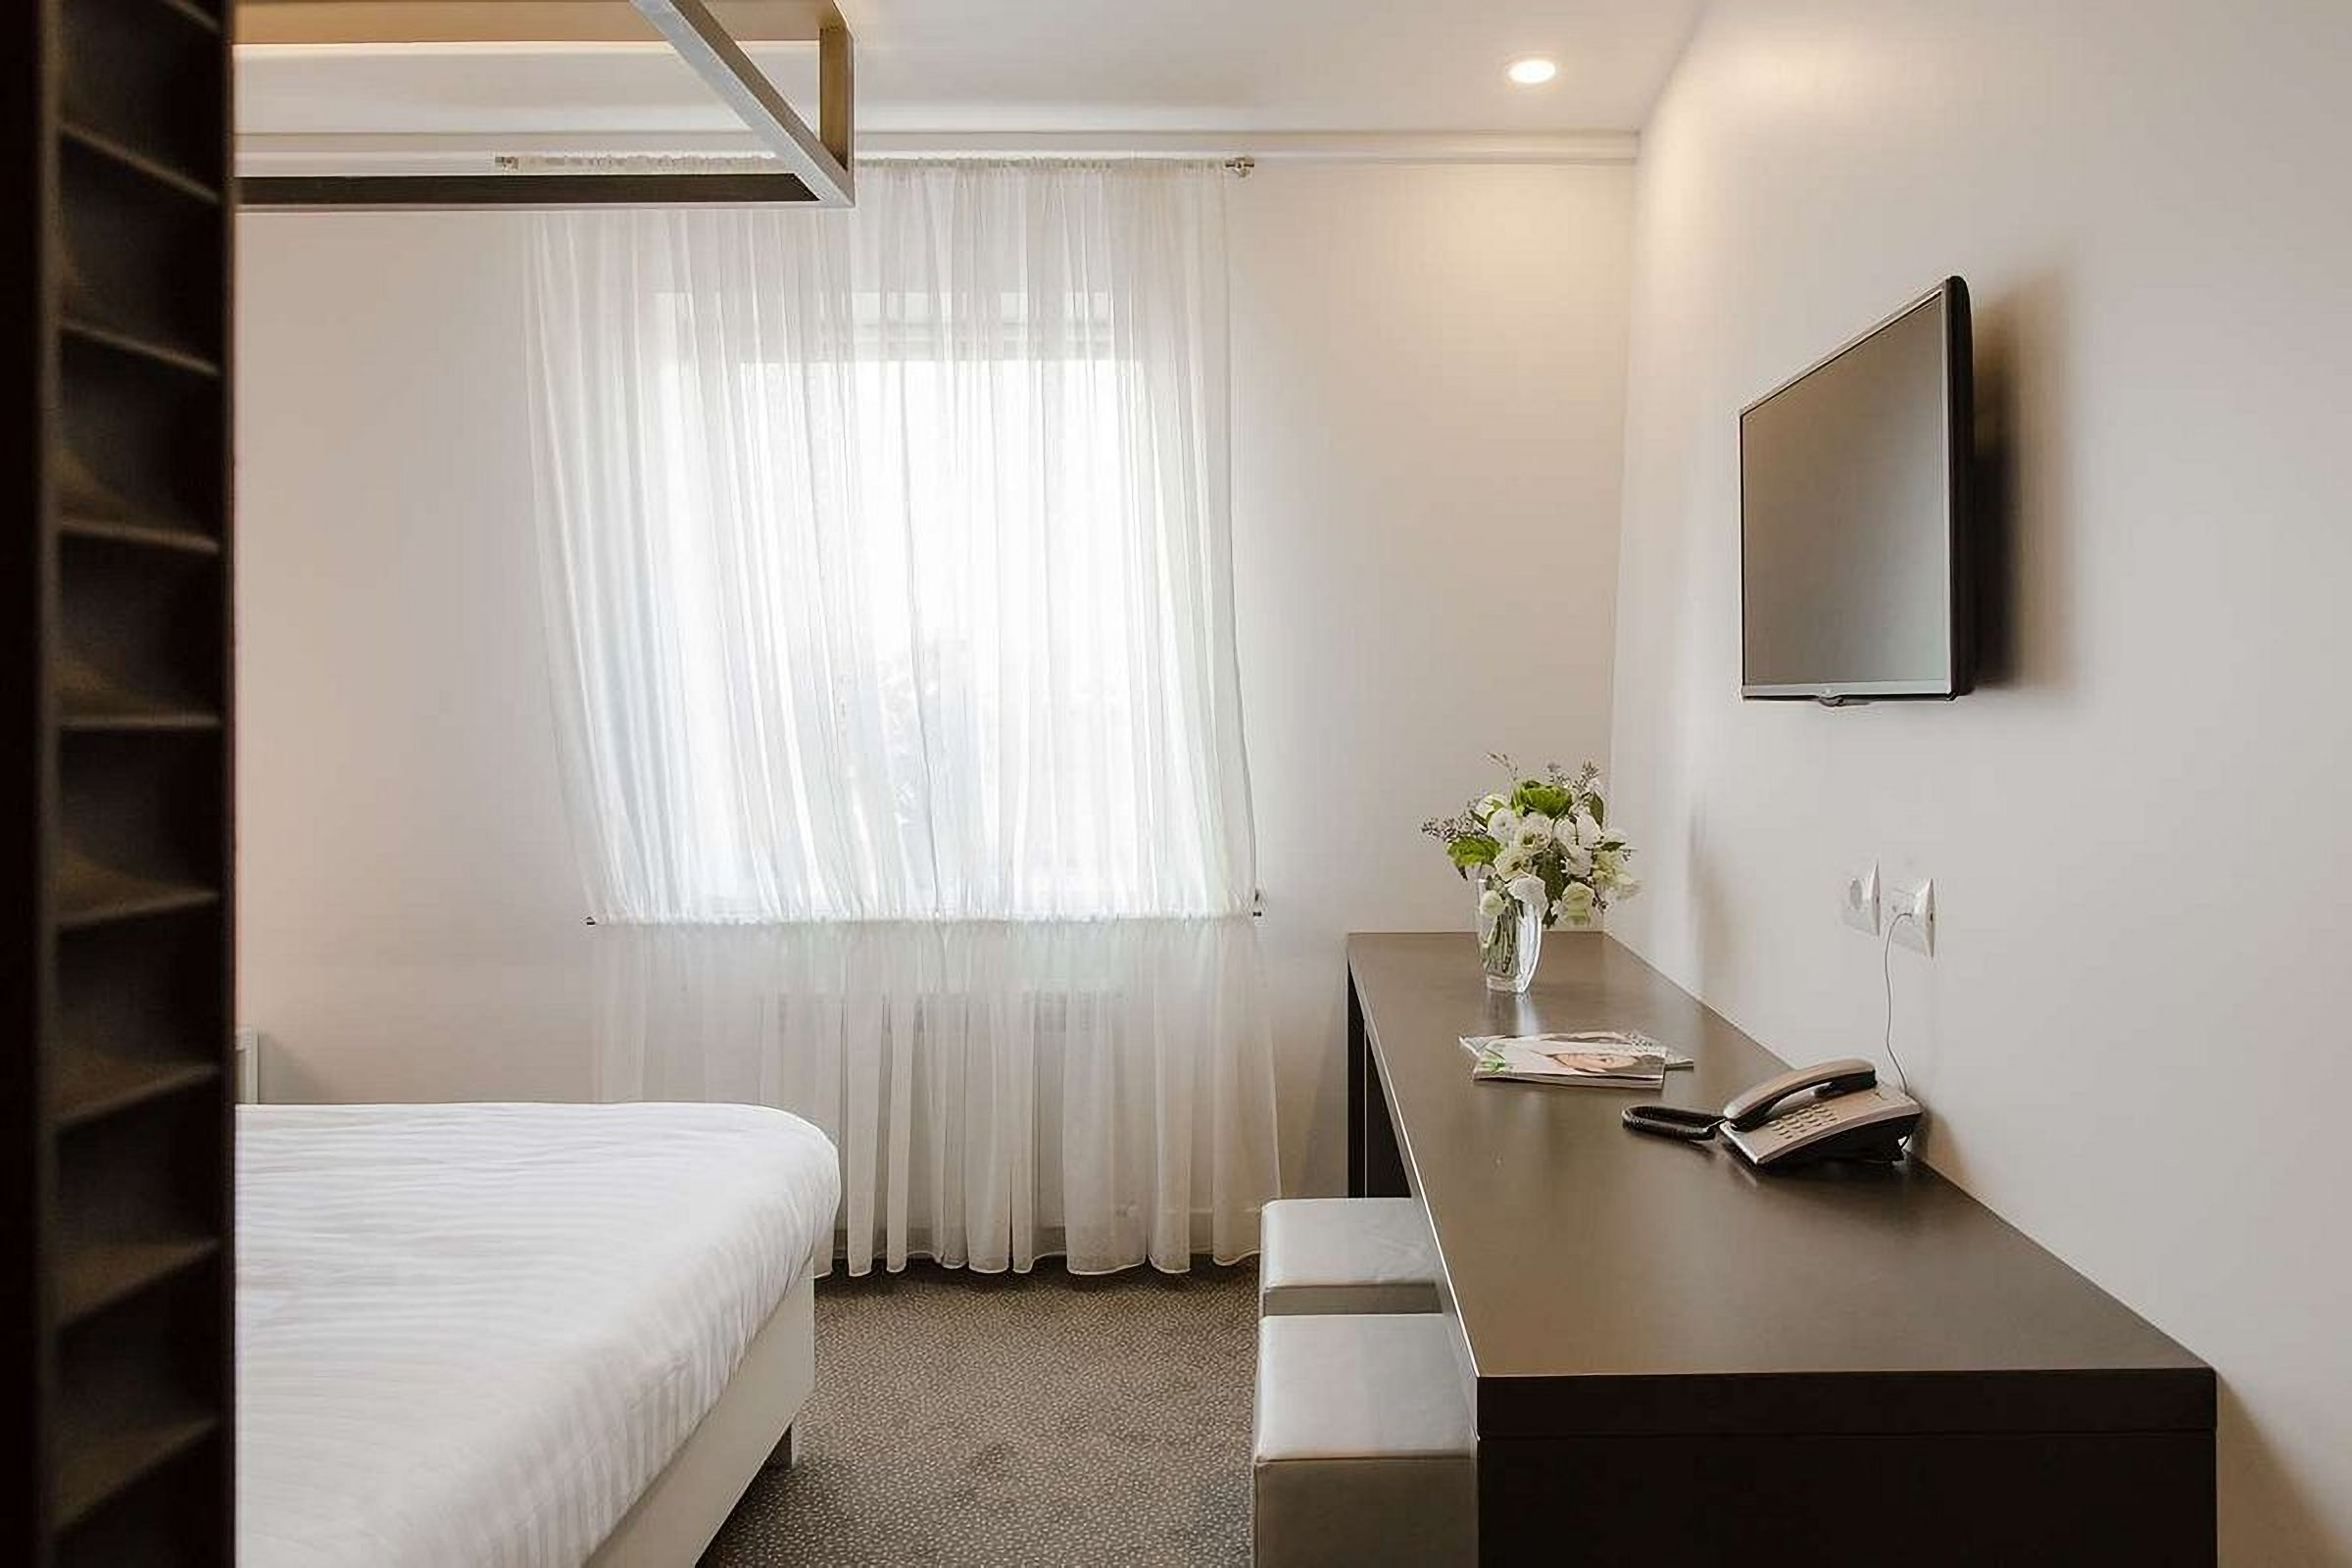 Standard Room Interior at UNO Design Hotel Odessa